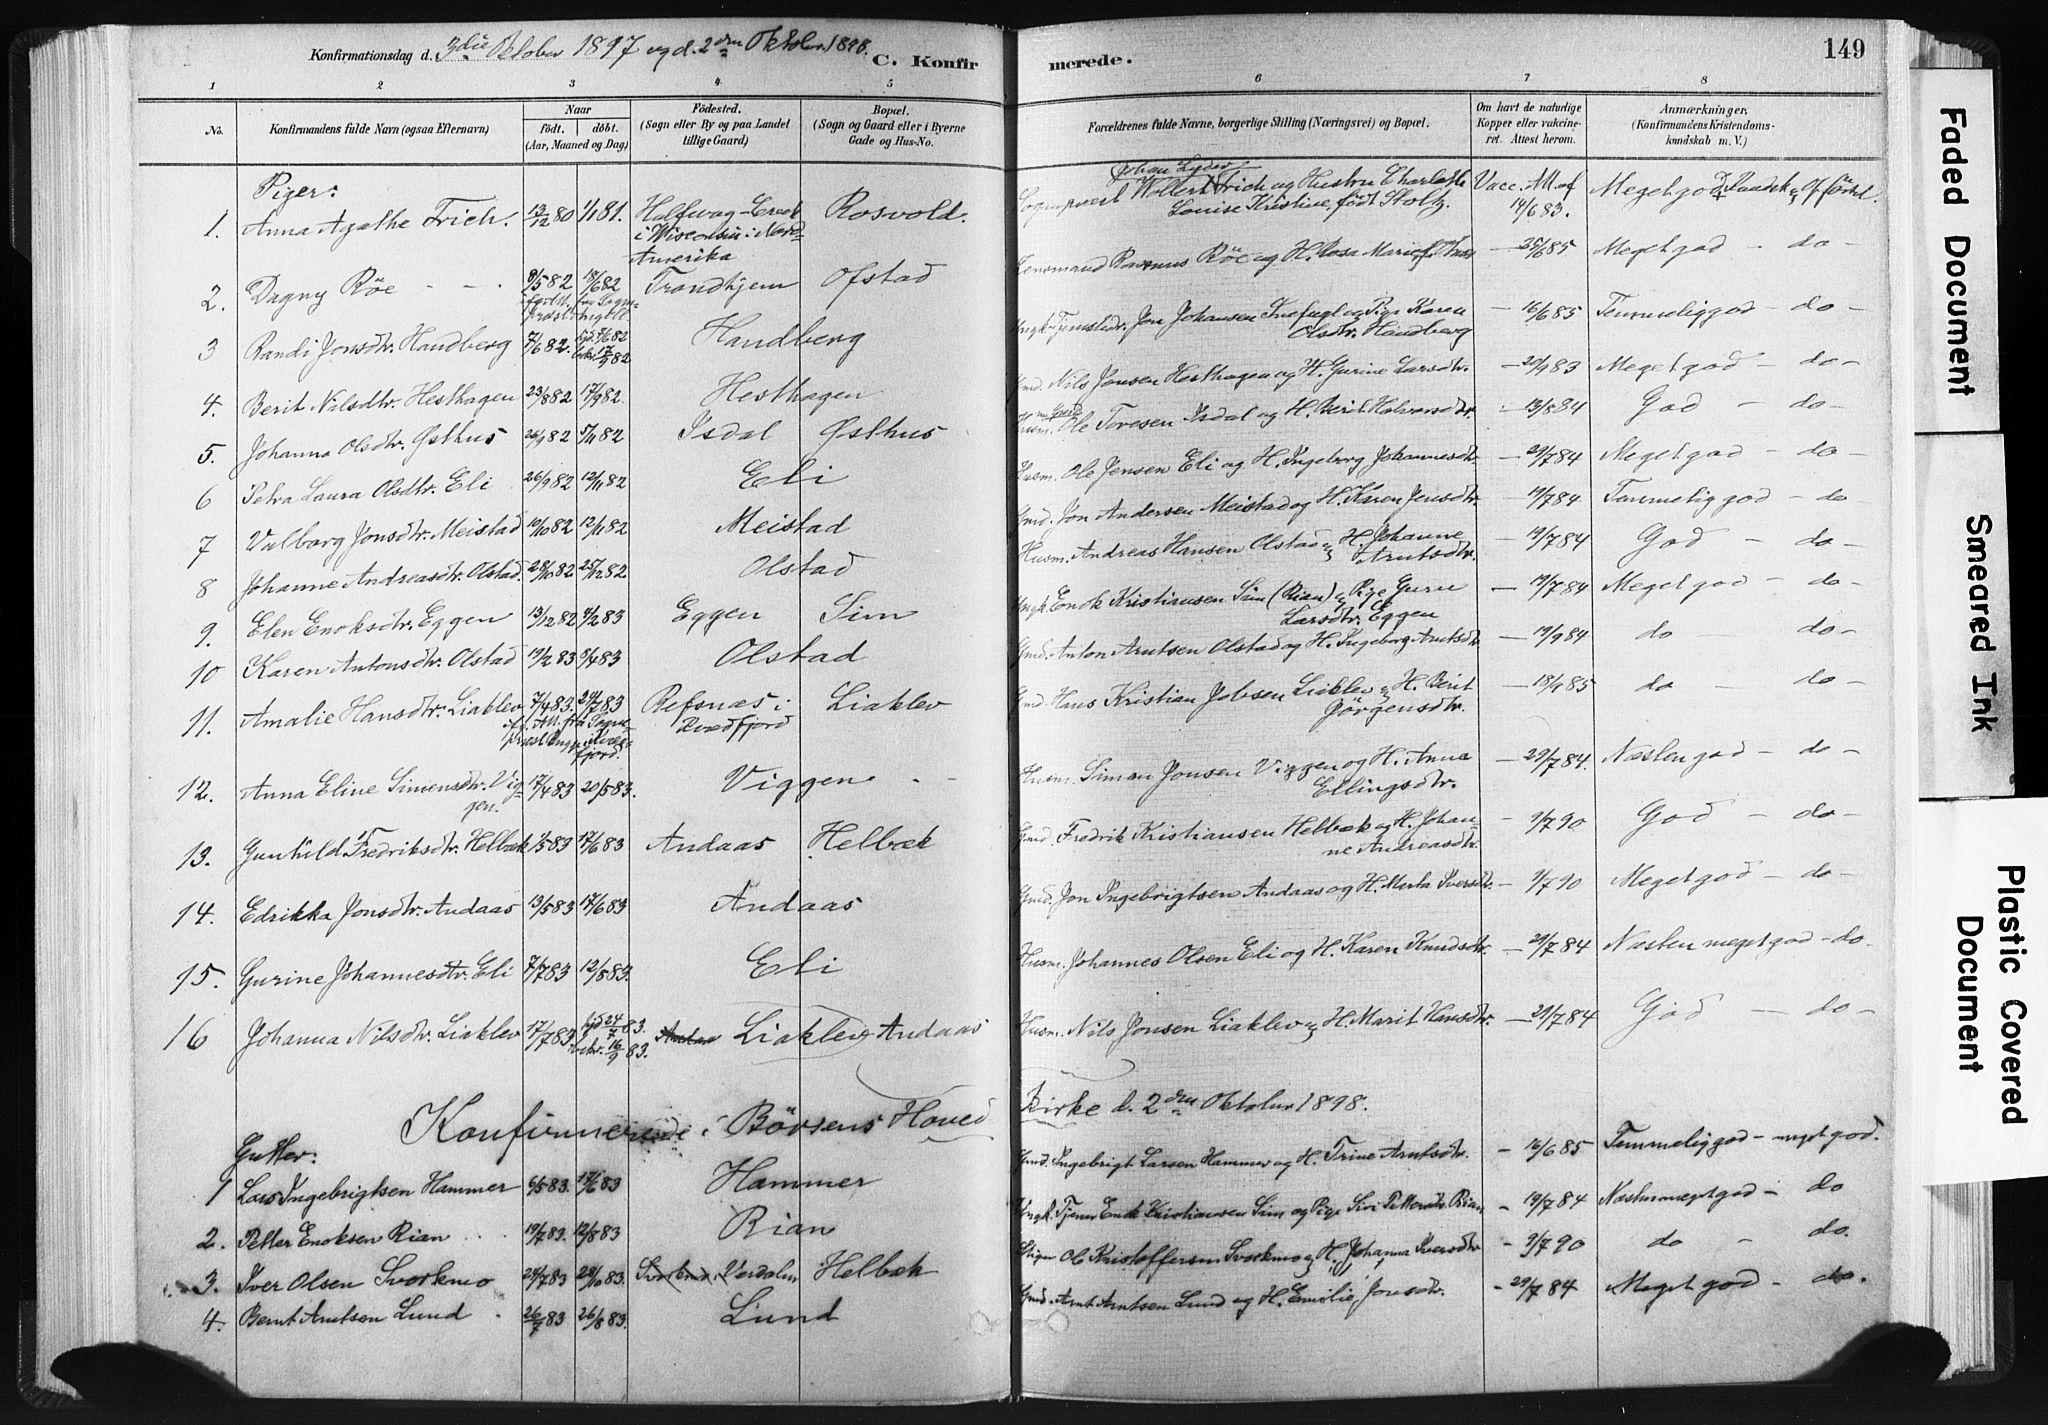 SAT, Ministerialprotokoller, klokkerbøker og fødselsregistre - Sør-Trøndelag, 665/L0773: Ministerialbok nr. 665A08, 1879-1905, s. 149